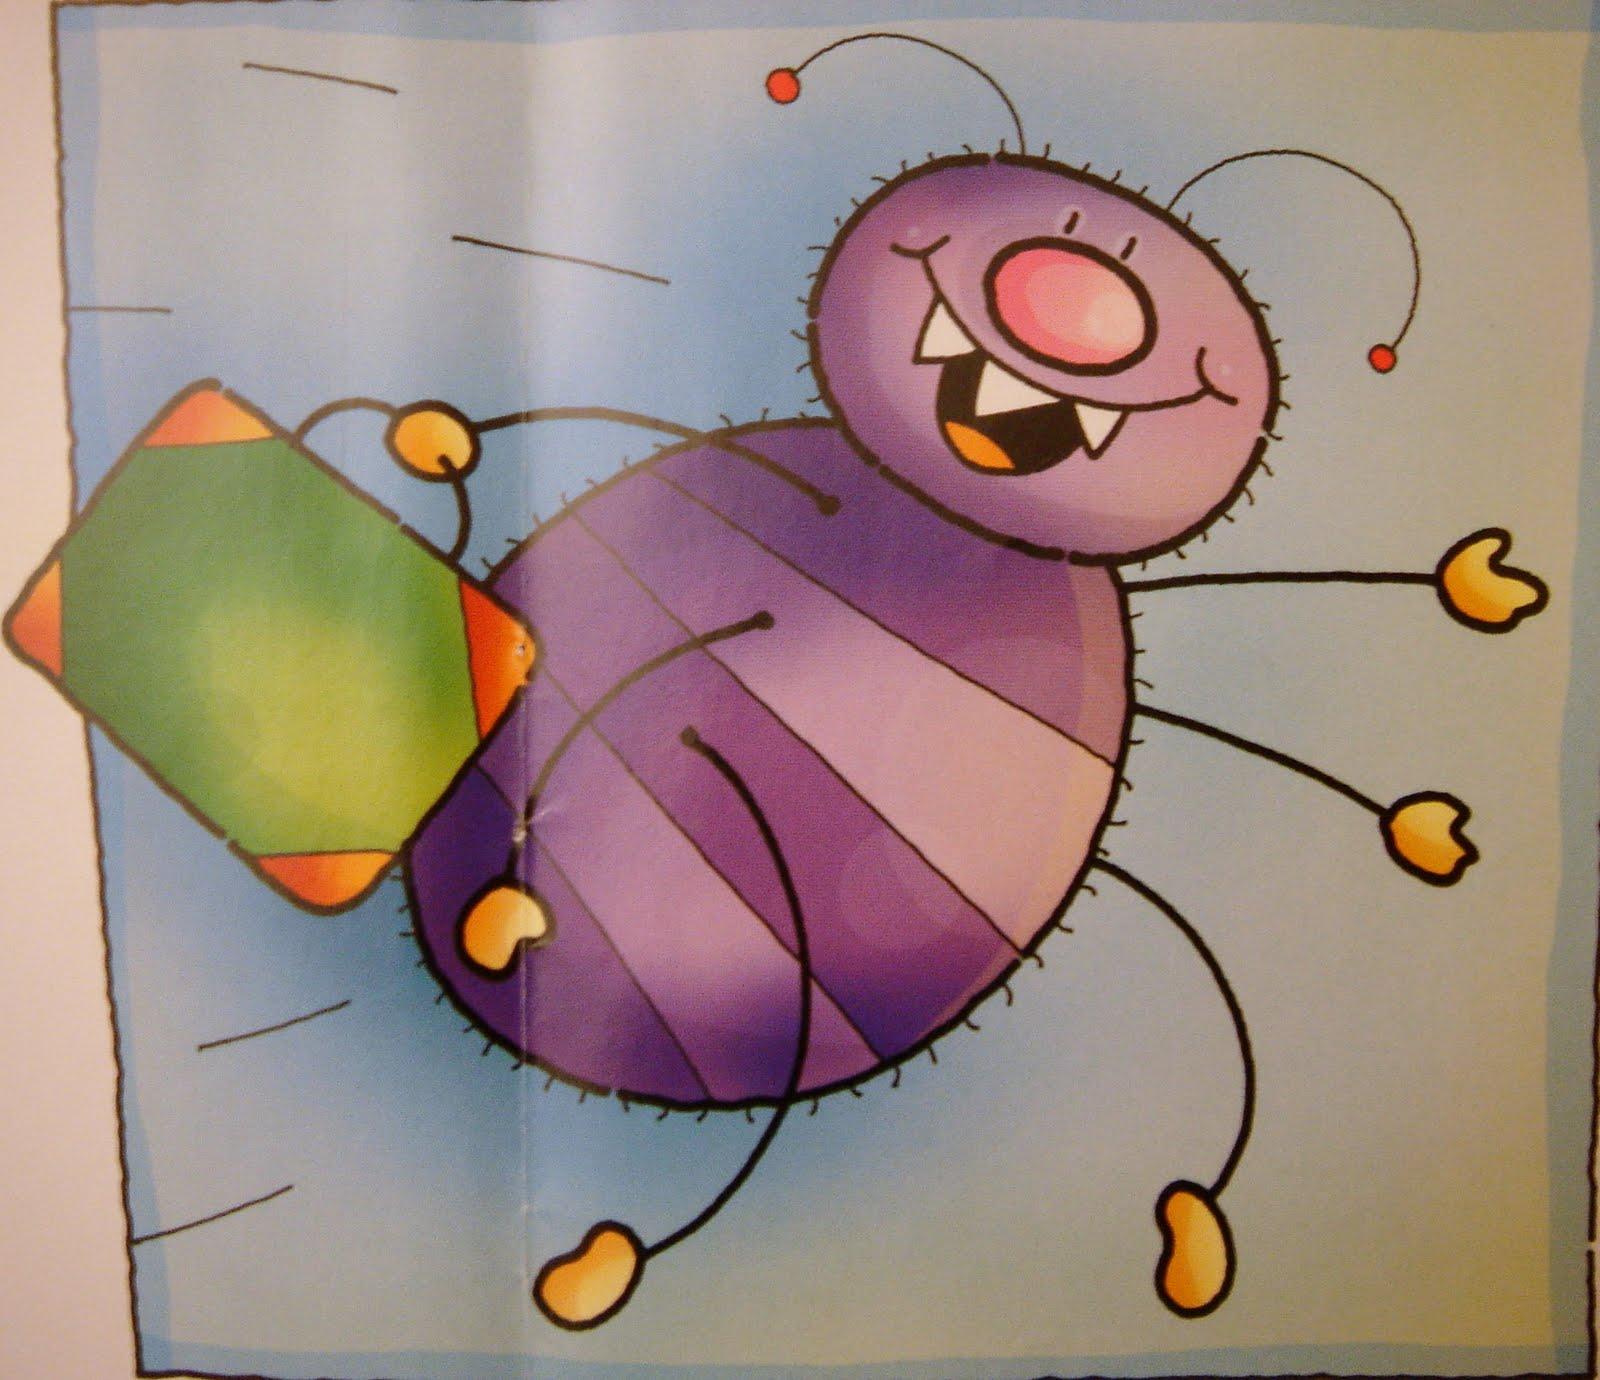 Precauci n piojitos piojosos el blog de nuestra clase - Como decorar un dibujo de una castana ...